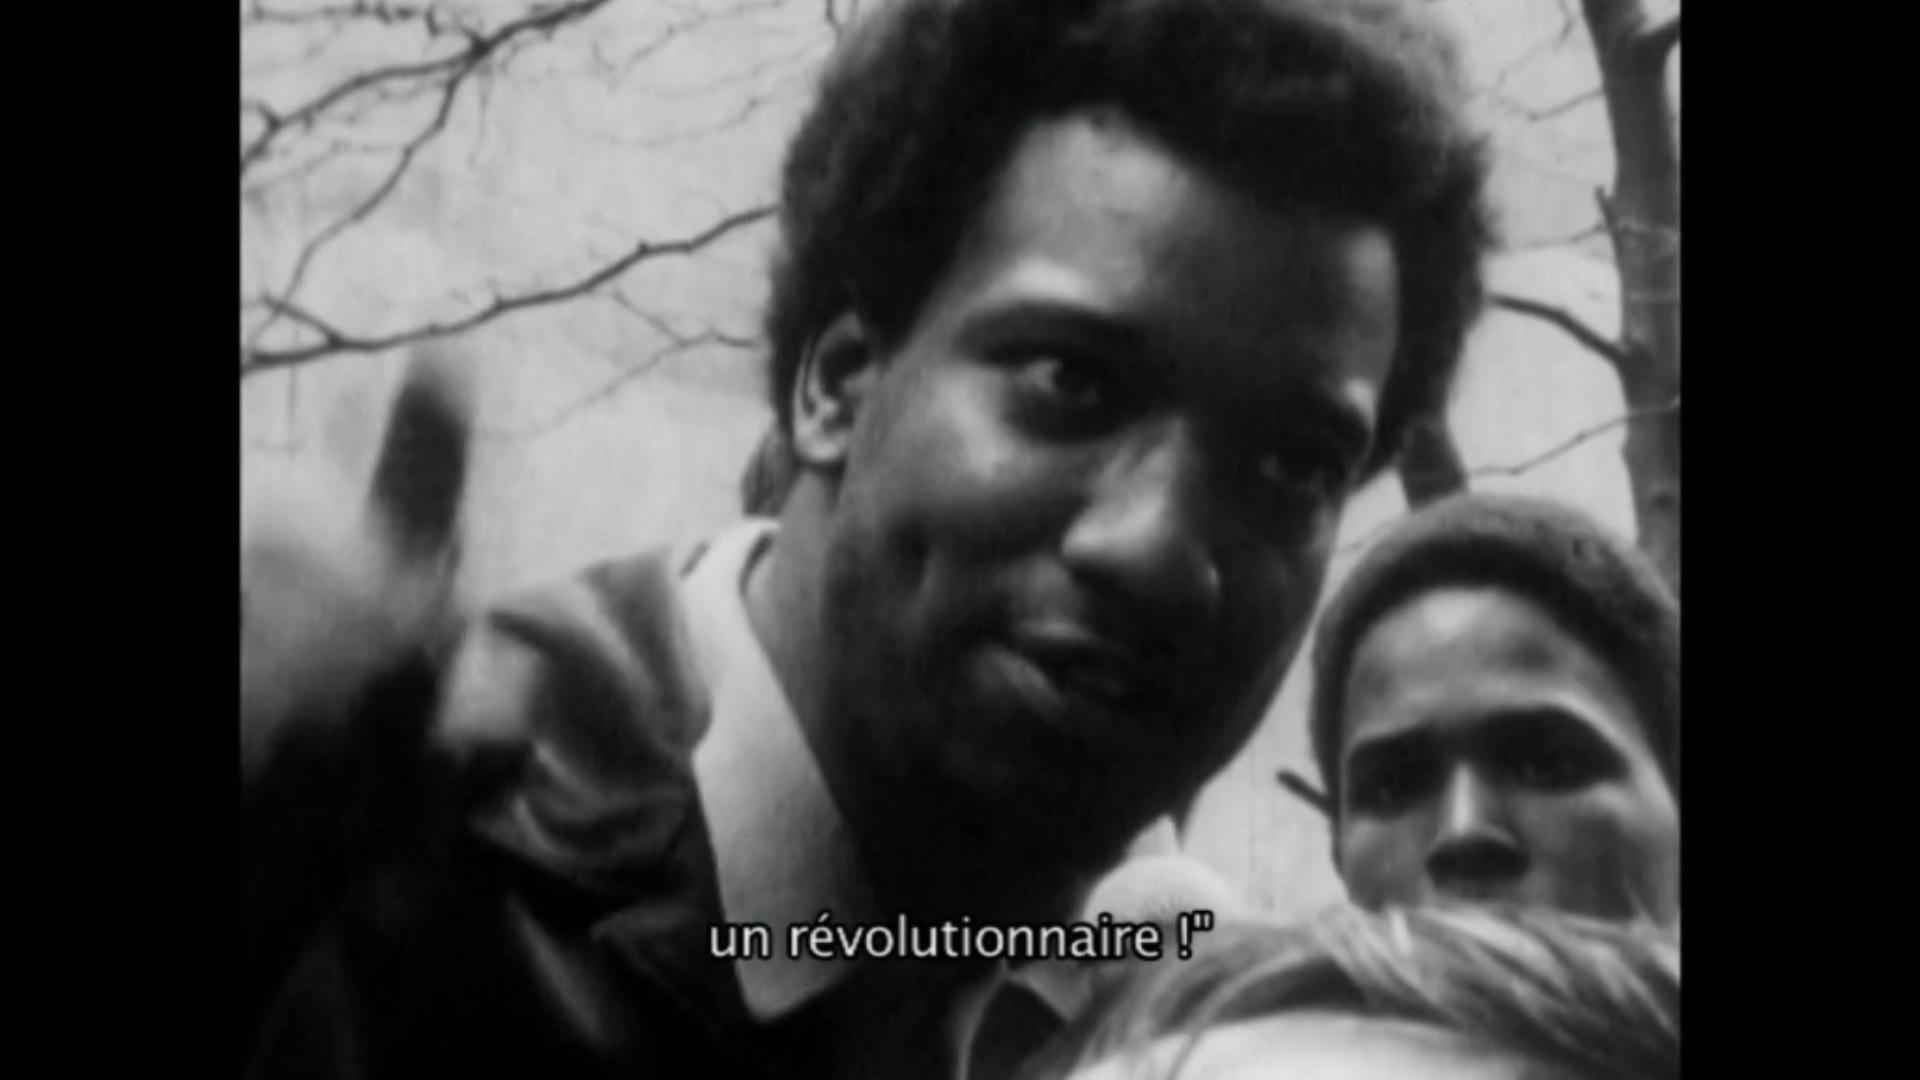 200506 - Capture d'écran du documentaire The Devil by Jean-Gabriel Périot 03 - La Déviation